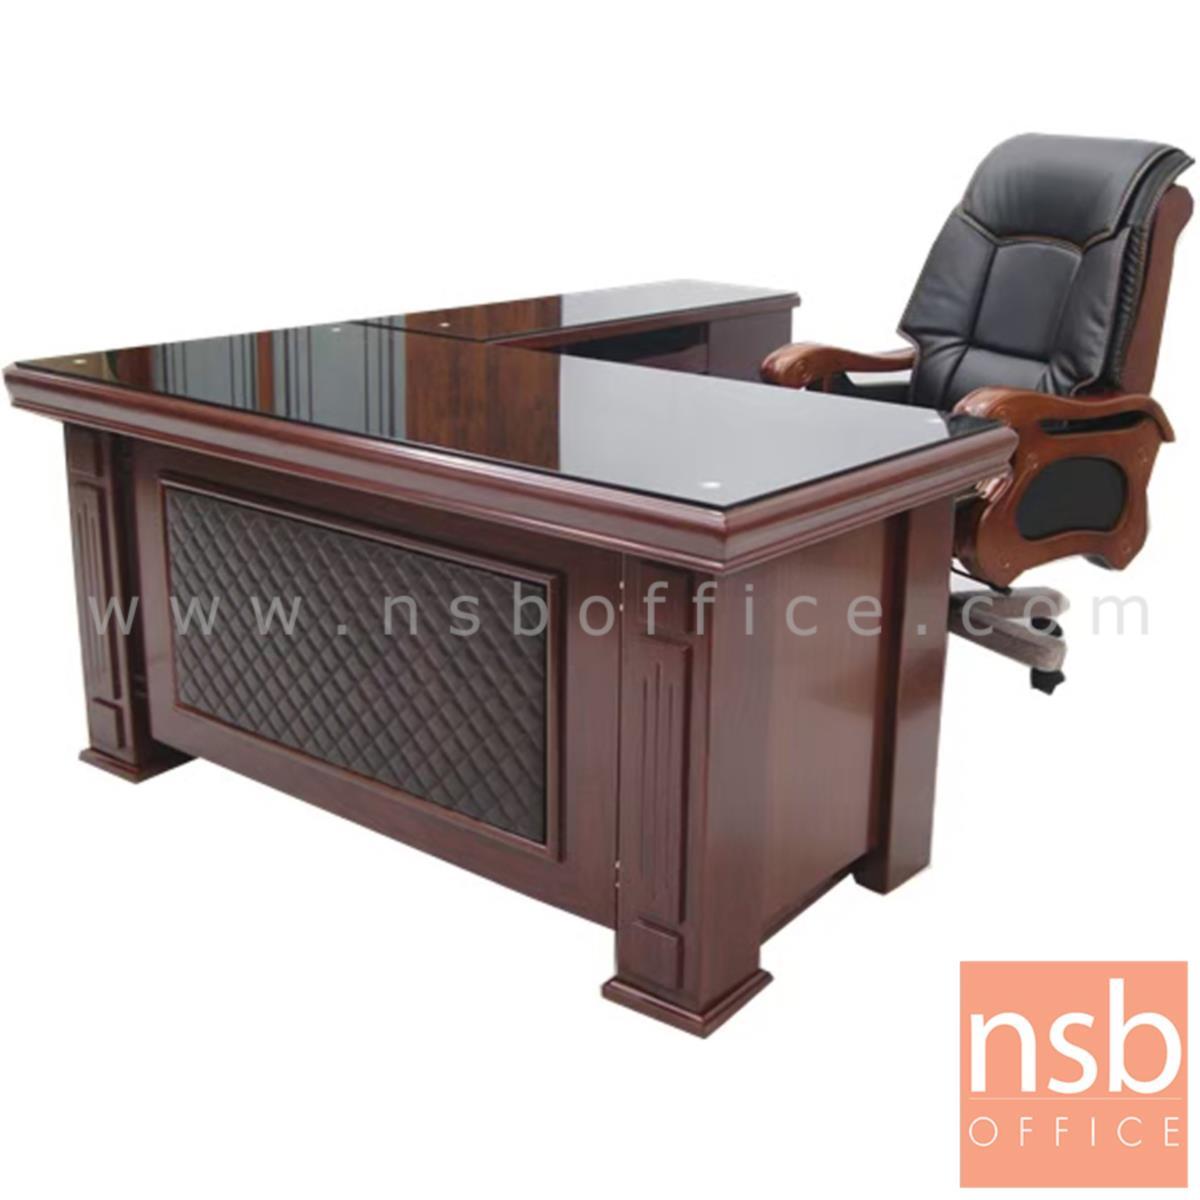 A06A134:โต๊ะผู้บริหารตัวแอล รุ่น URSULAR ขนาด 160W ,180W cm.